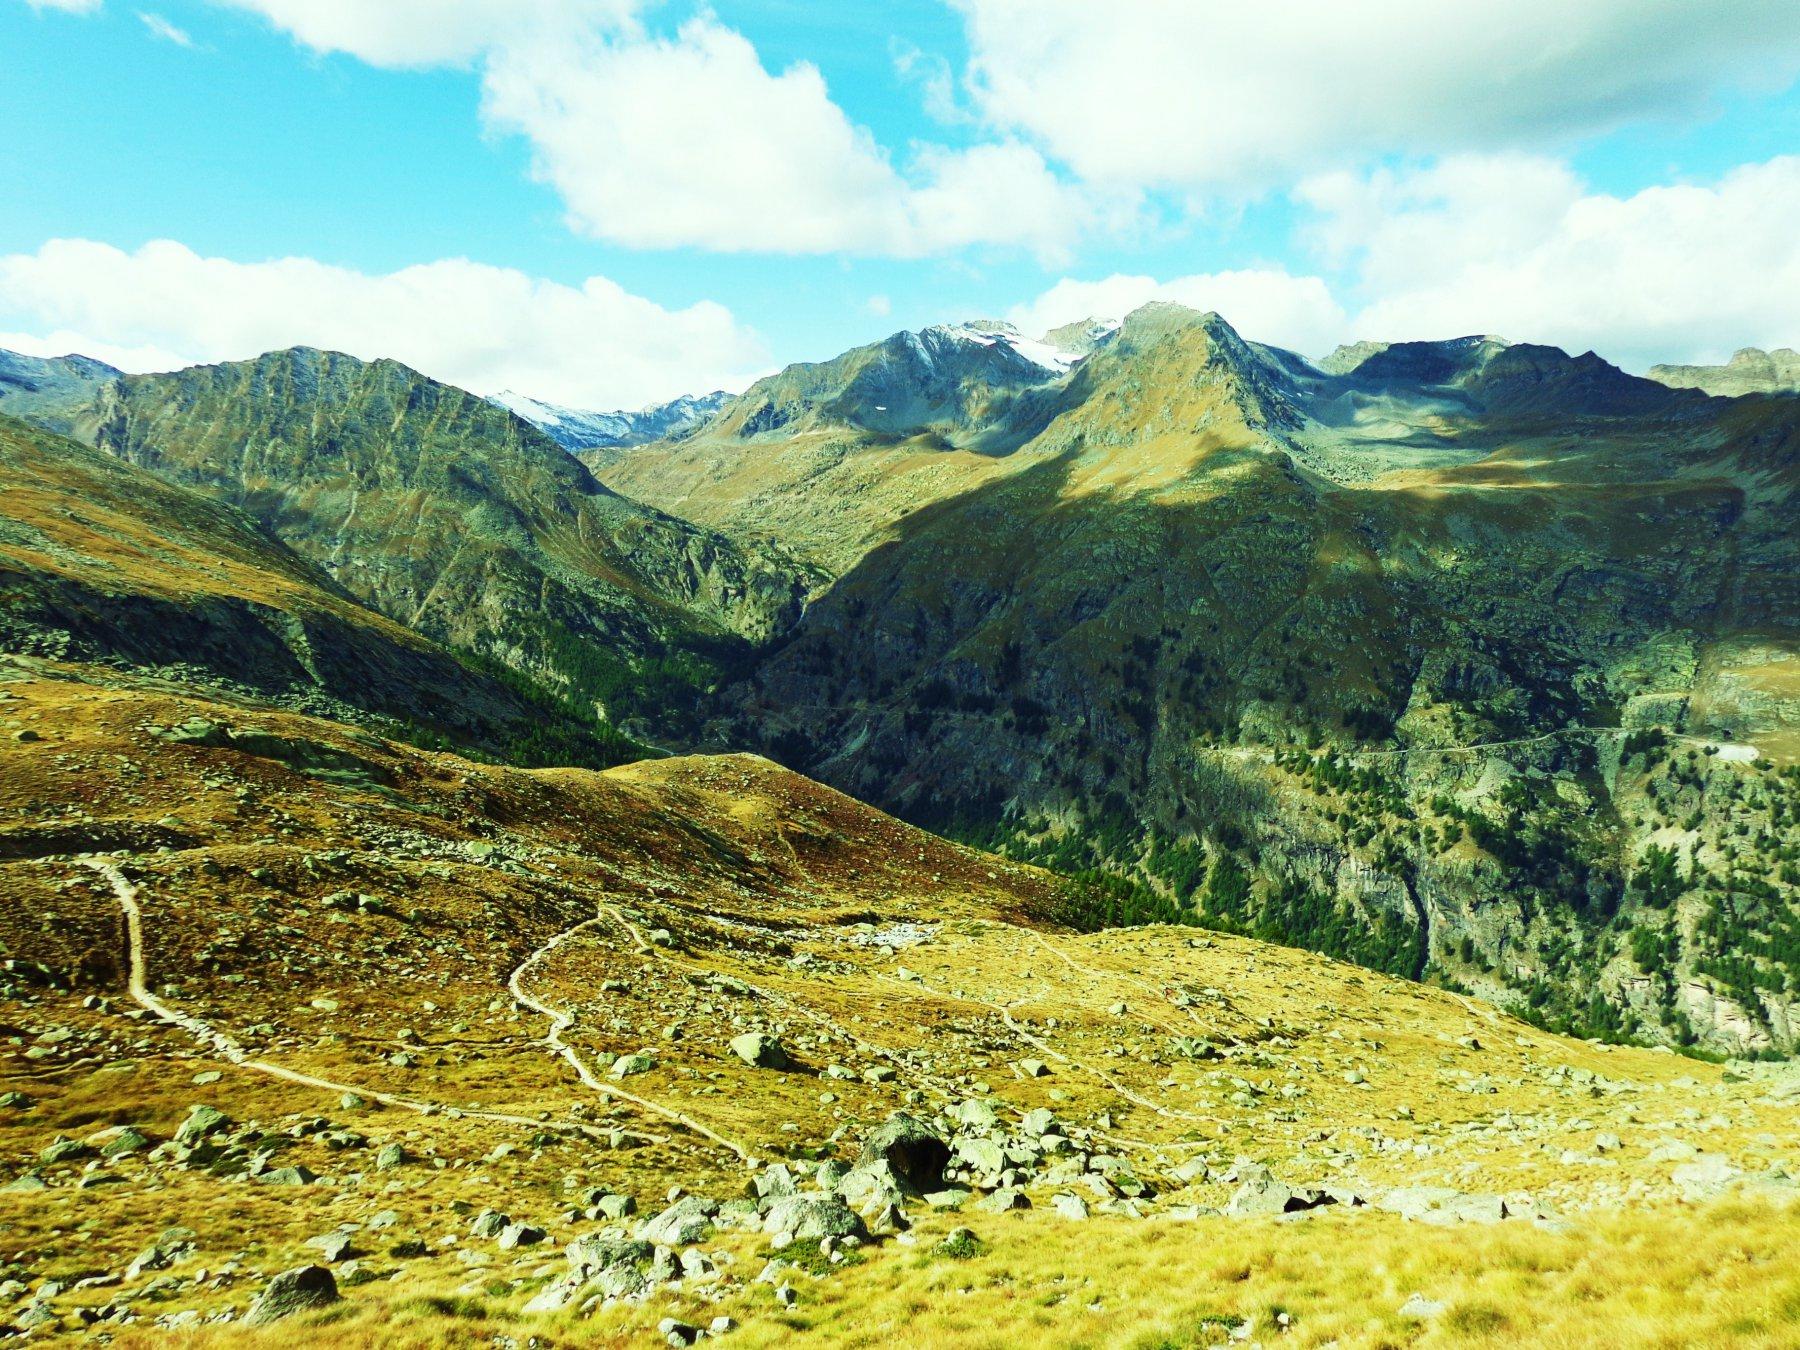 Il sentiero visto dall'alto